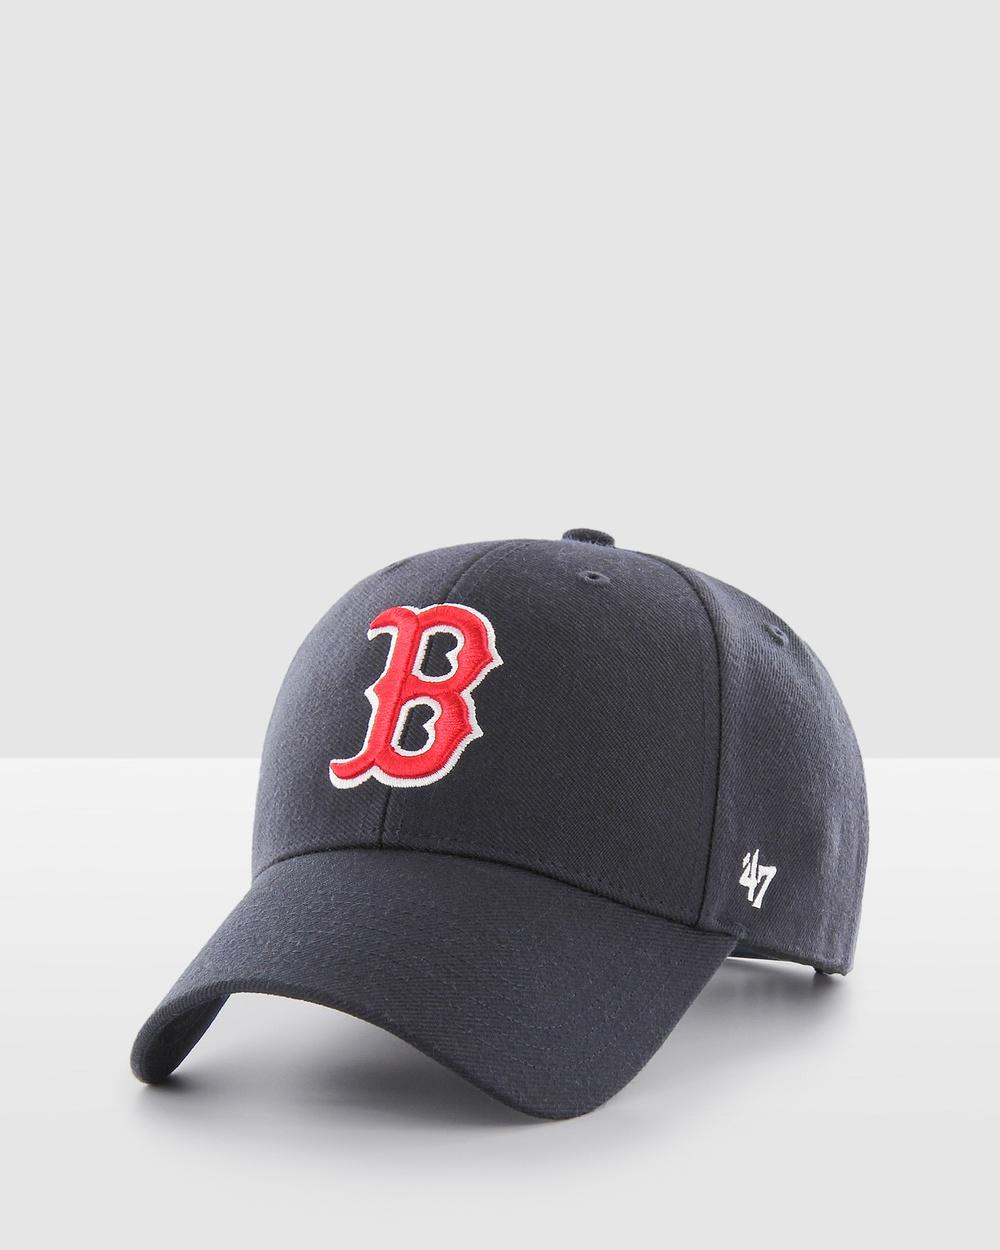 47 Boston Red Sox Navy '47 MVP Snapback Hats navy